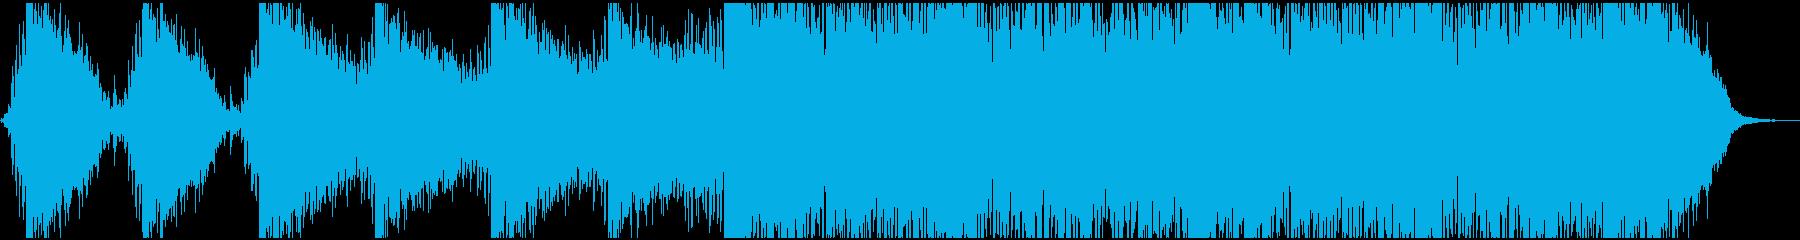 ダークでテンションが上がる曲の再生済みの波形